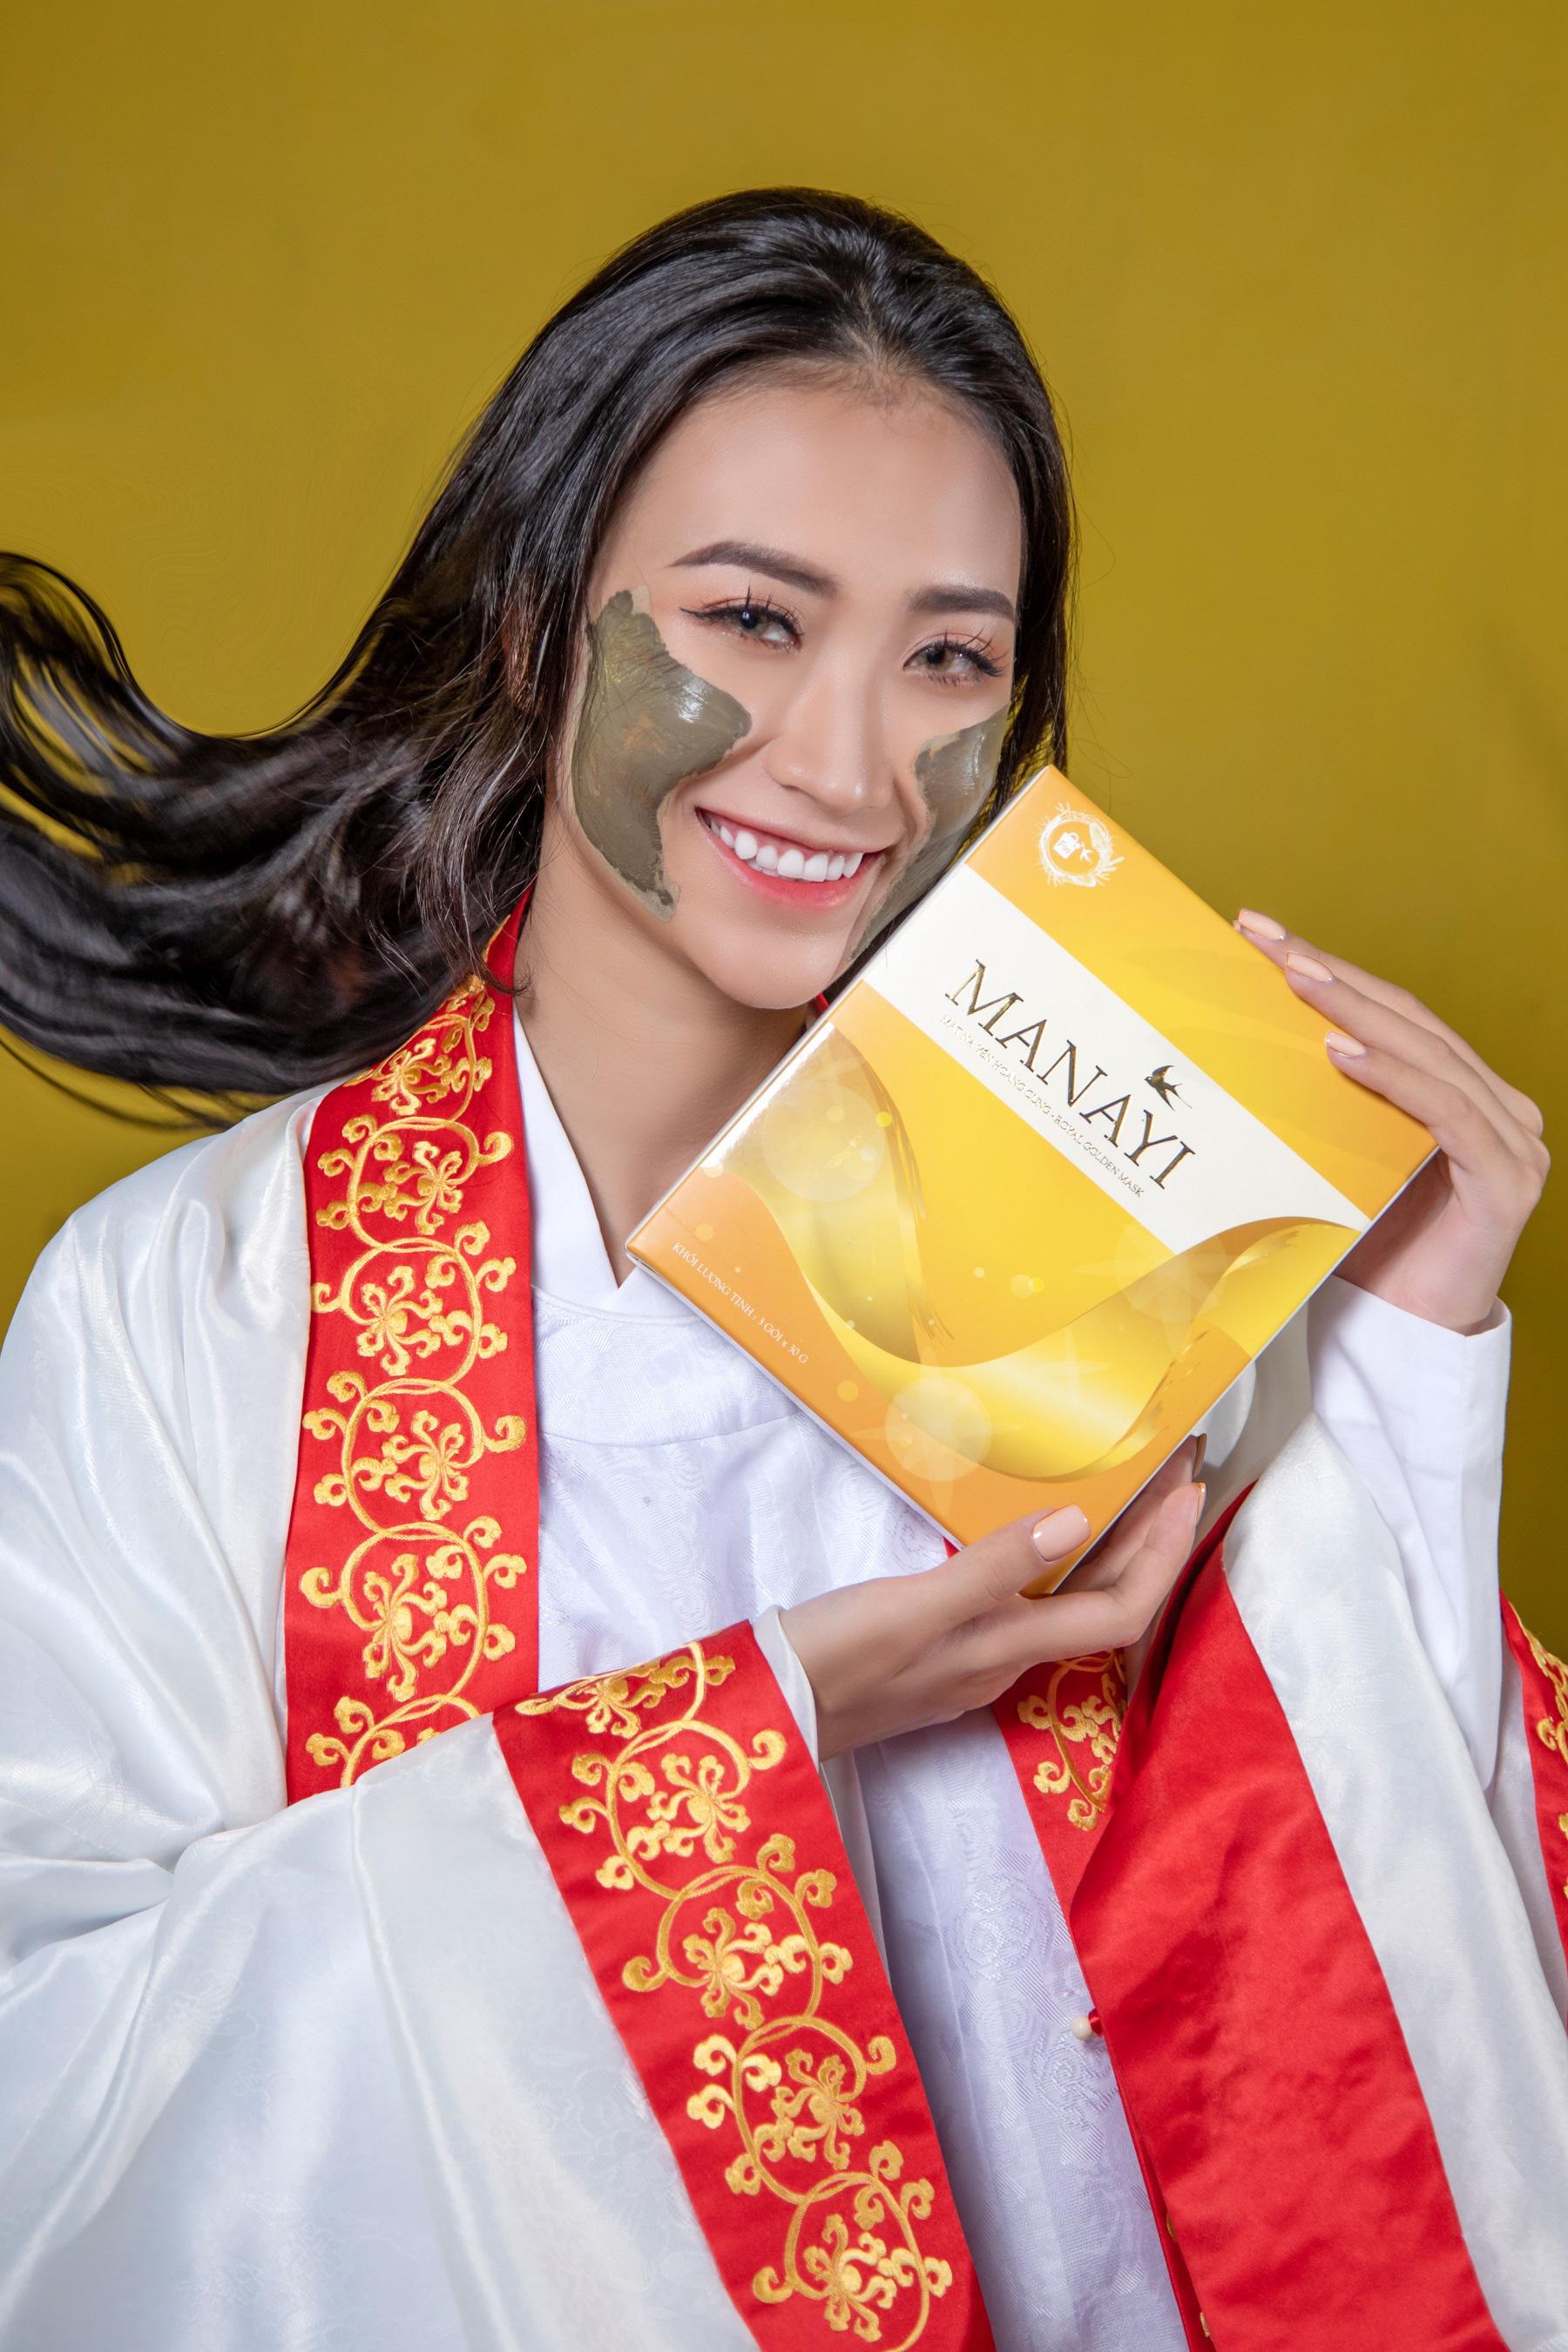 """Ấn tượng bộ ảnh """"Manayi - vàng son một thuở"""" tôn vinh hương sắc đất Việt ngàn năm - Ảnh 5."""